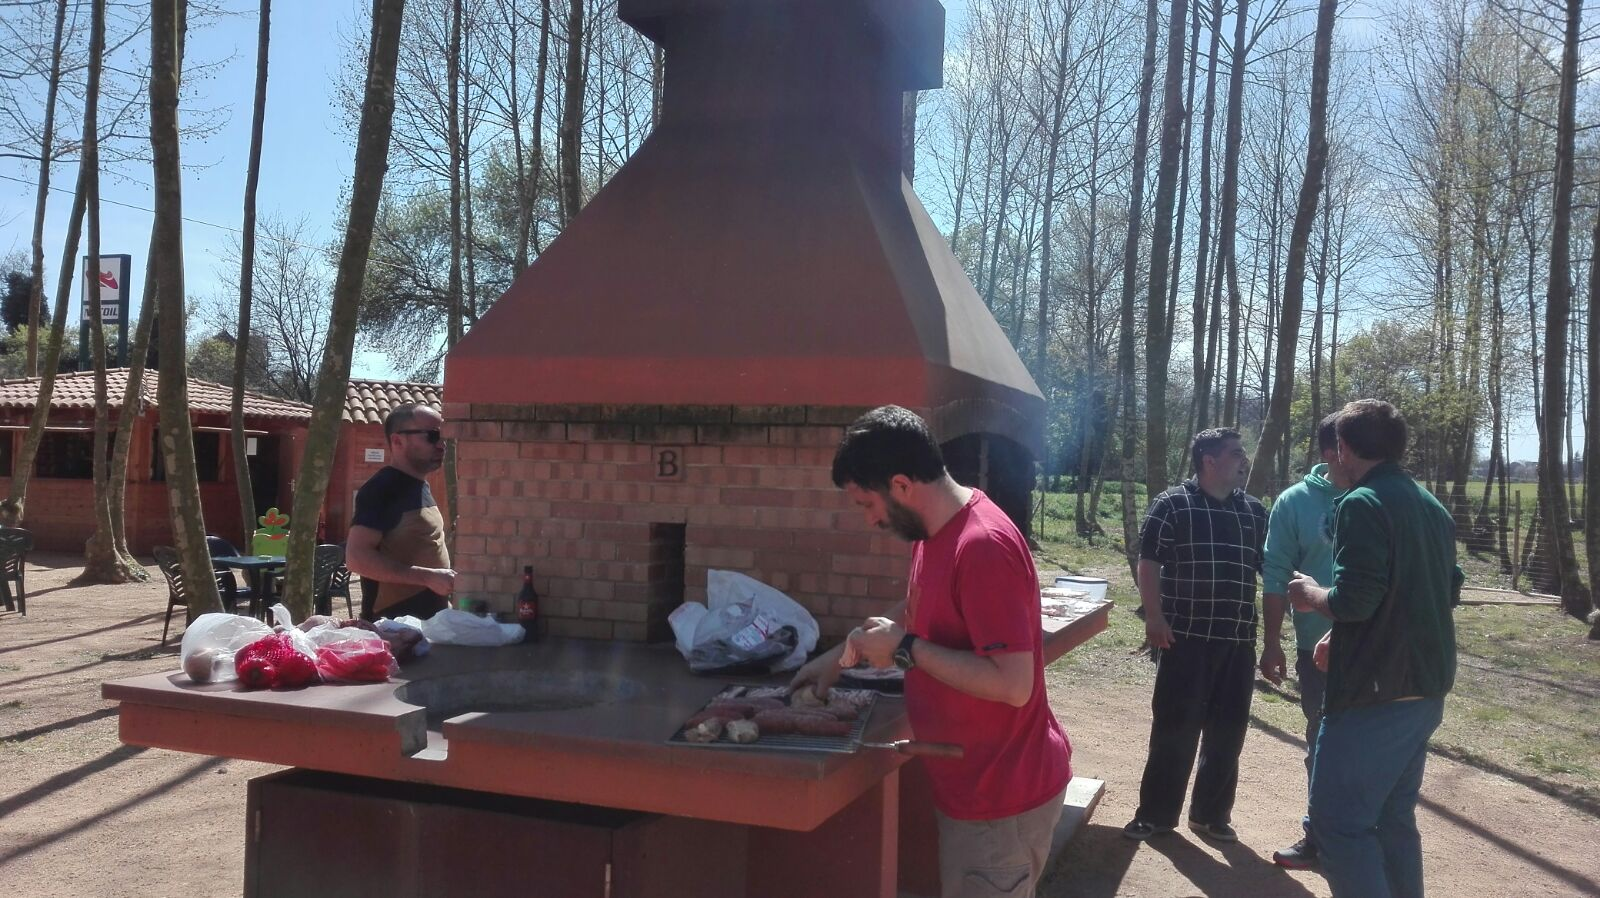 barbacoa traient fum per la carn a la brasa picnic les 3 flors